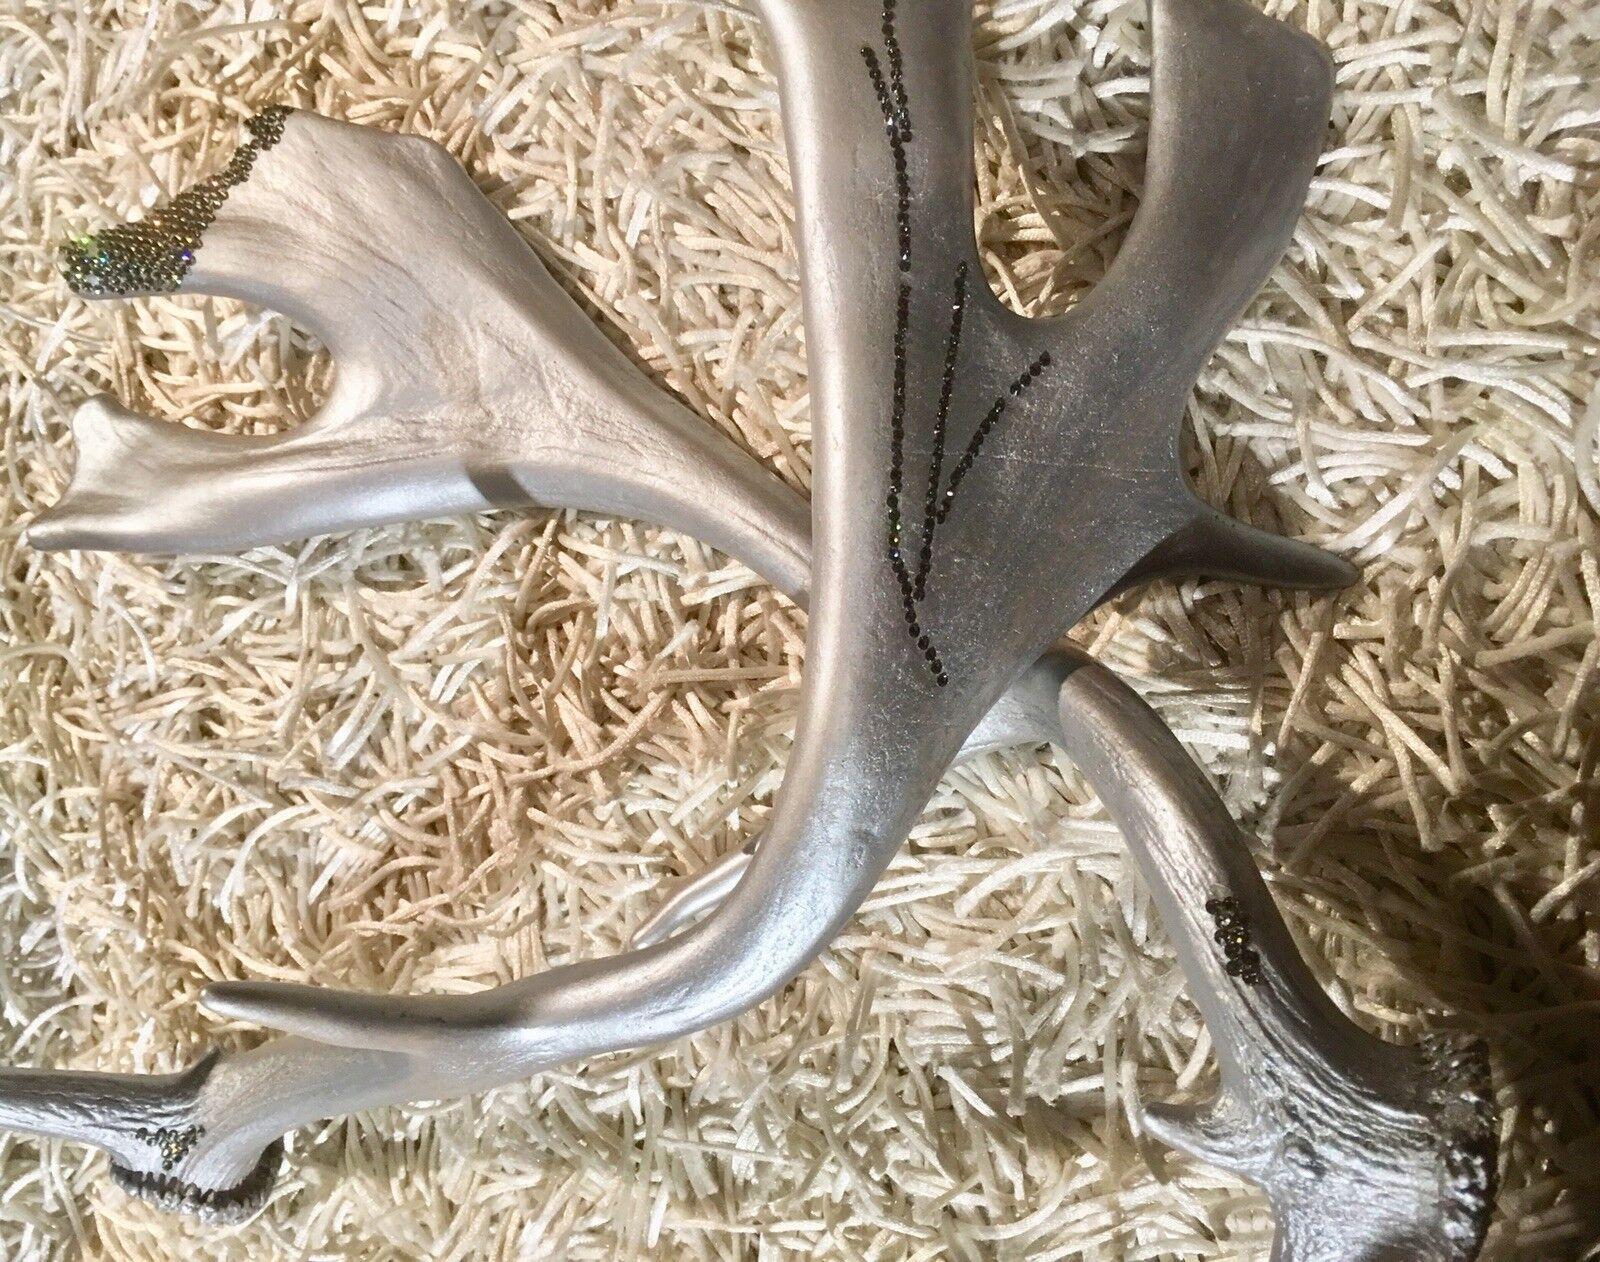 Geweih Strass Weihnachten Deko Silber Damhirsch | | | Verschiedene Arten und Stile  2f9bad